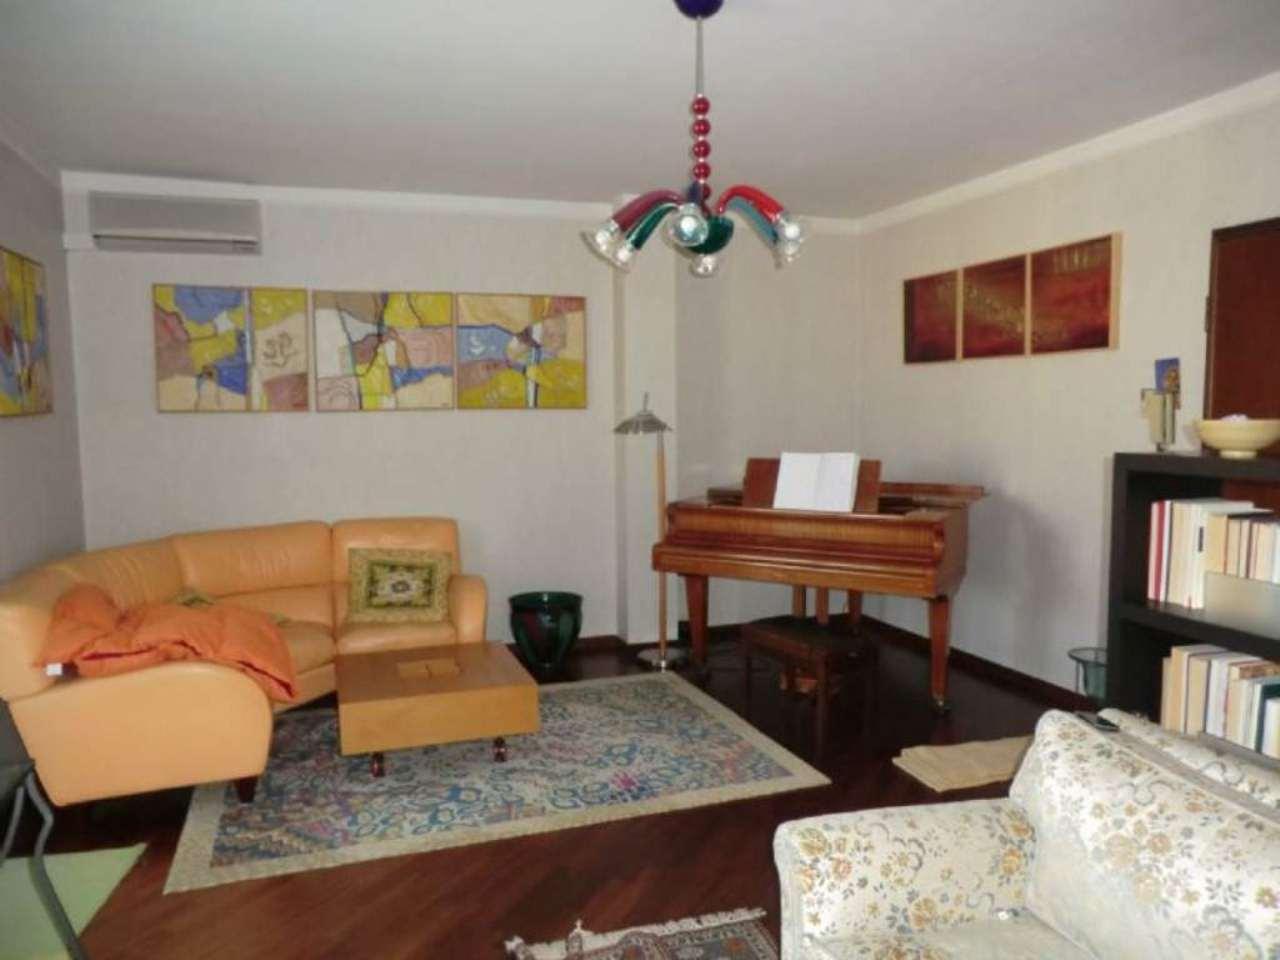 Attico / Mansarda in vendita a Sassari, 7 locali, prezzo € 525.000 | Cambio Casa.it